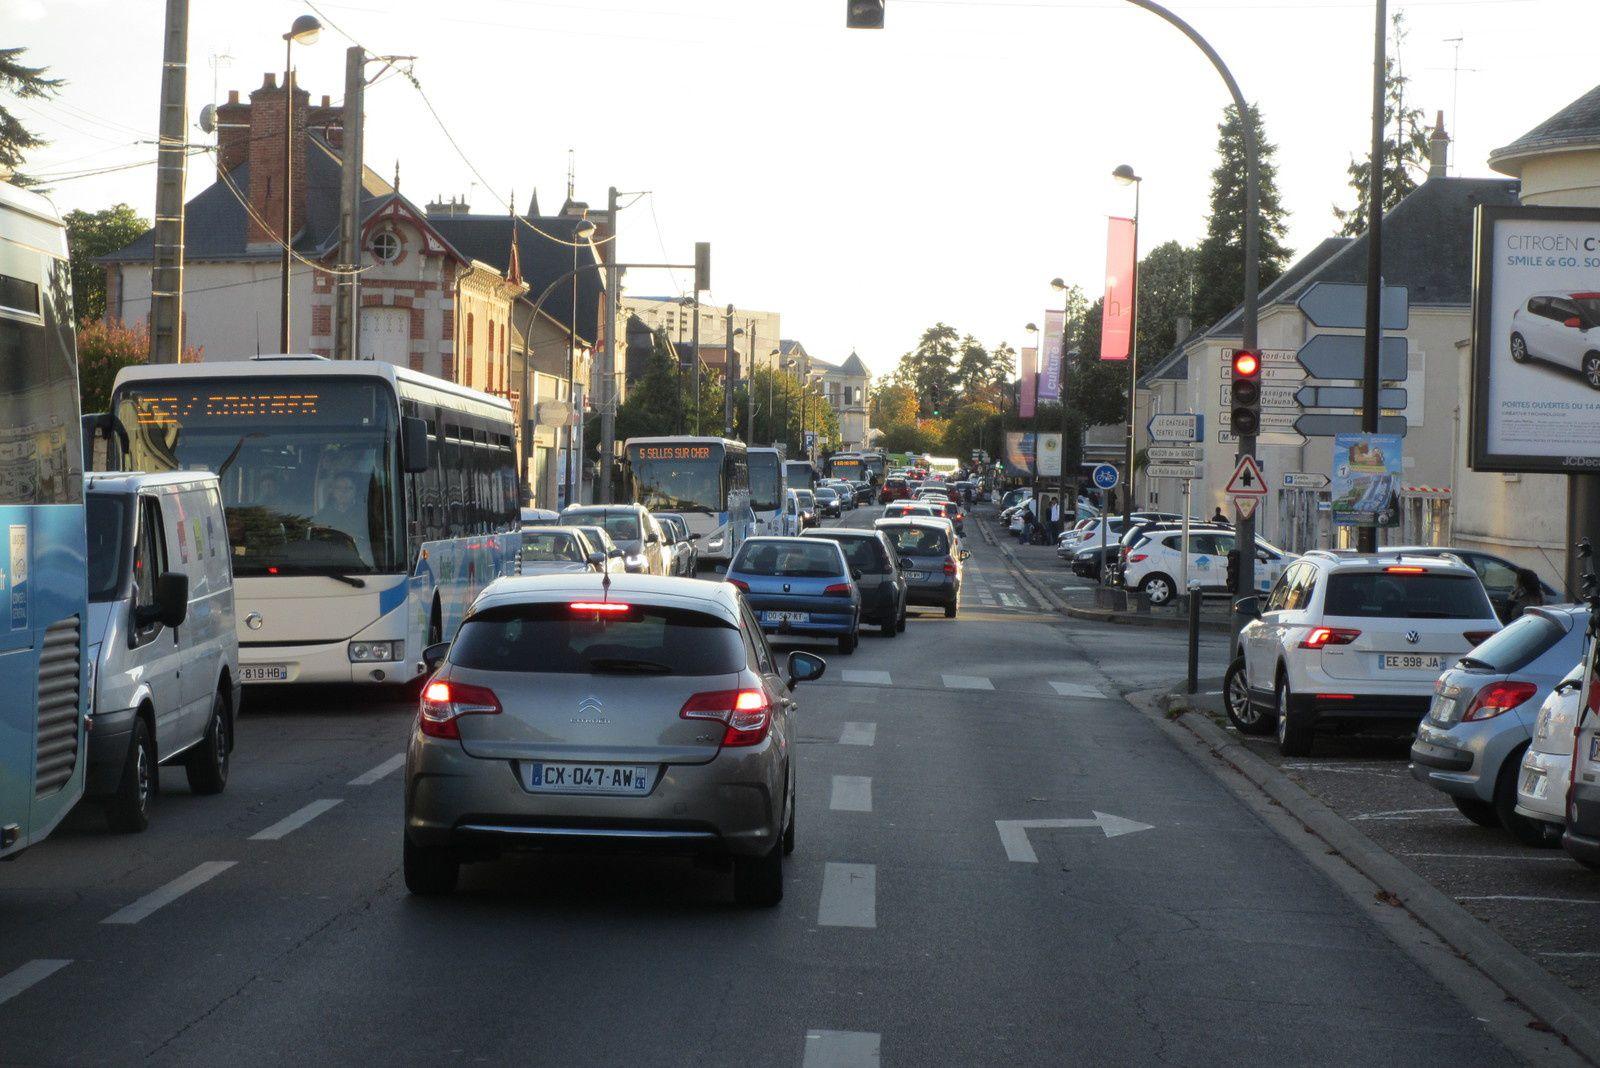 """Petit couac Avenue Maunoury à Blois, vers 17-18h où la circulation se faisait au pas à 5 km/h d'après les """"outils d'aide à la conduite"""" ! Rien de bien dramatique."""